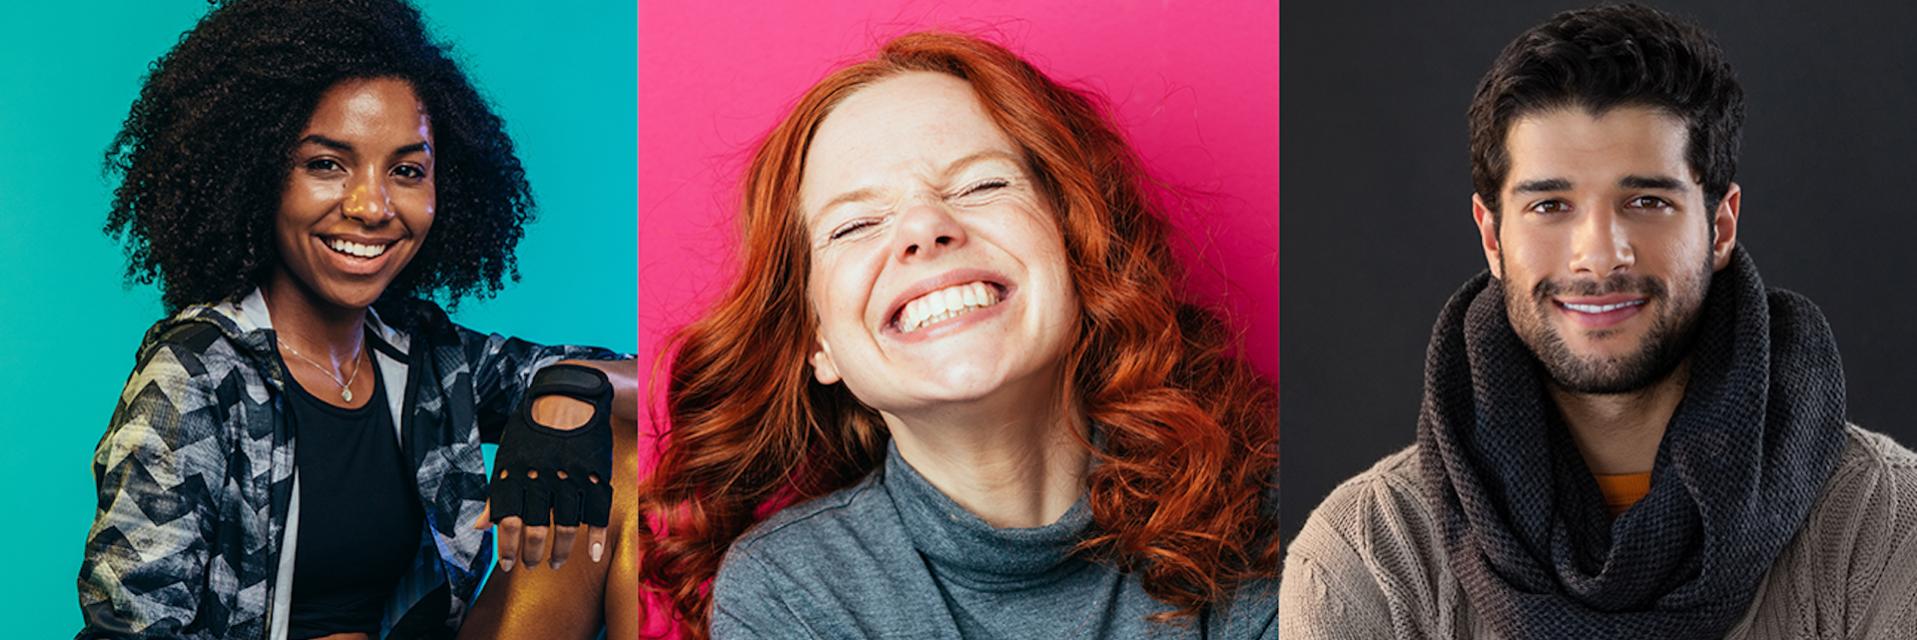 Kolme hymyilevää nuorta aikuista studio-kuvissa